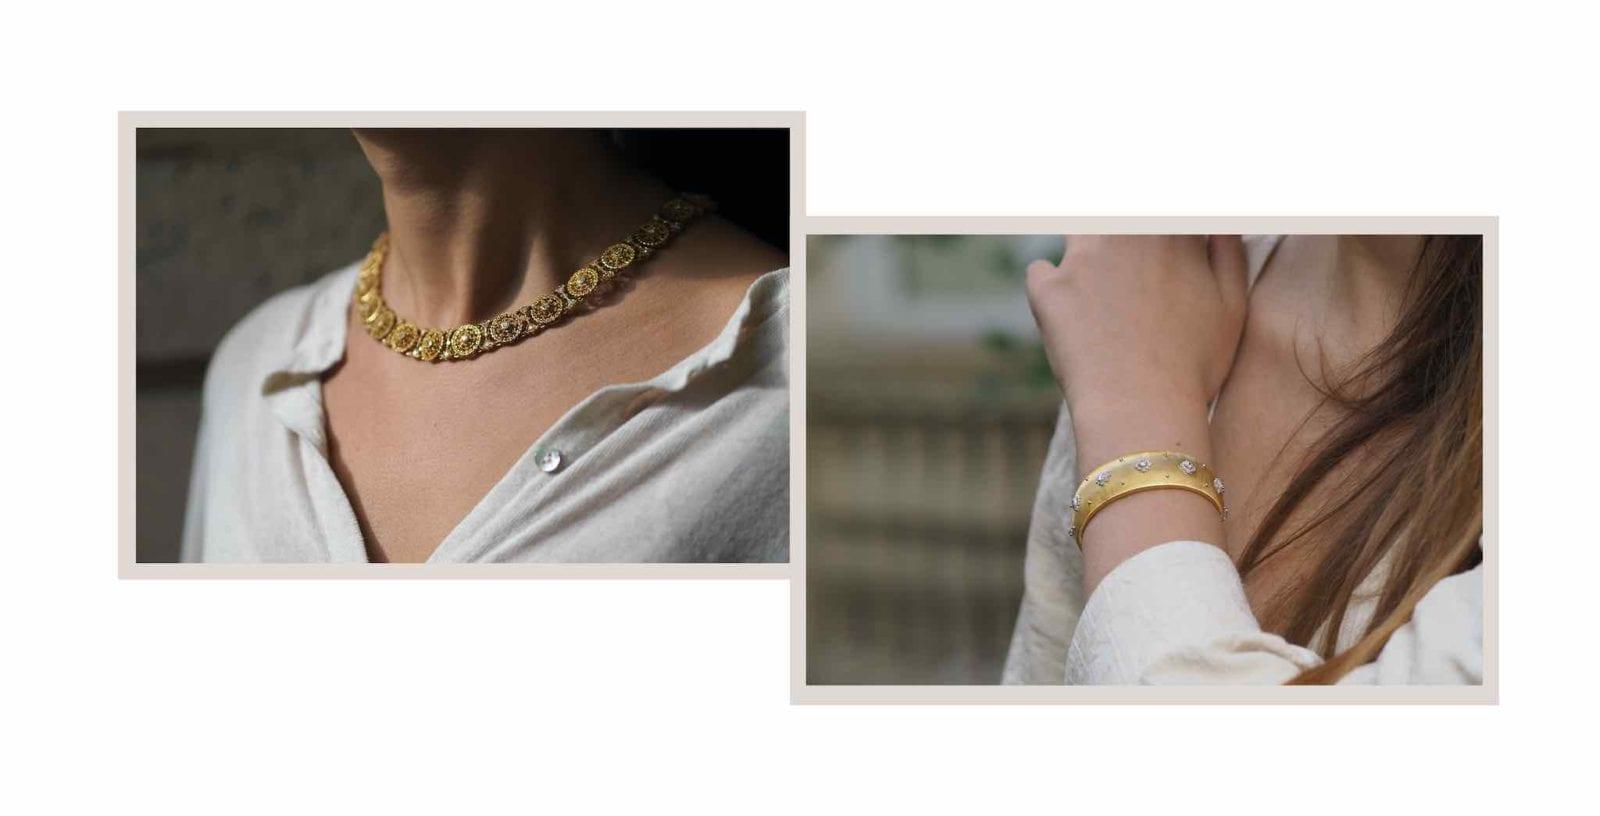 achat bijoux et déchets d'or